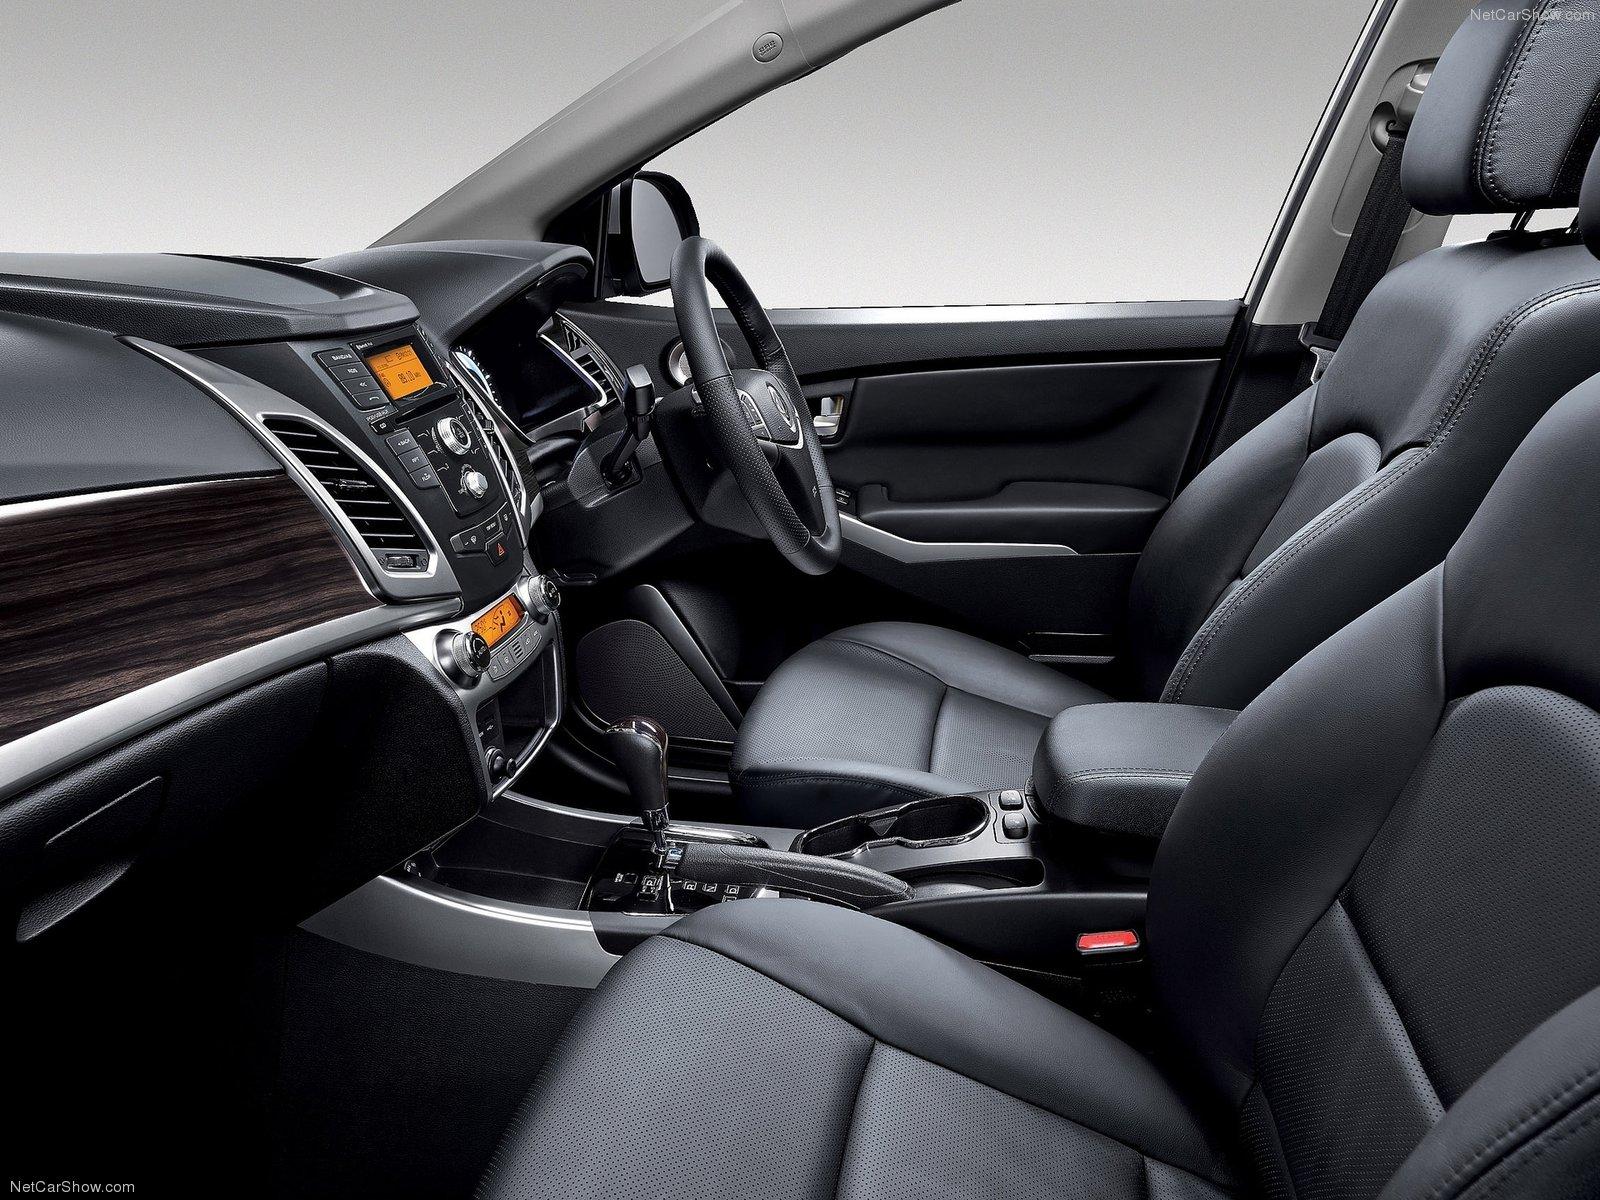 Hình ảnh xe ô tô SsangYong Korando 2014 & nội ngoại thất